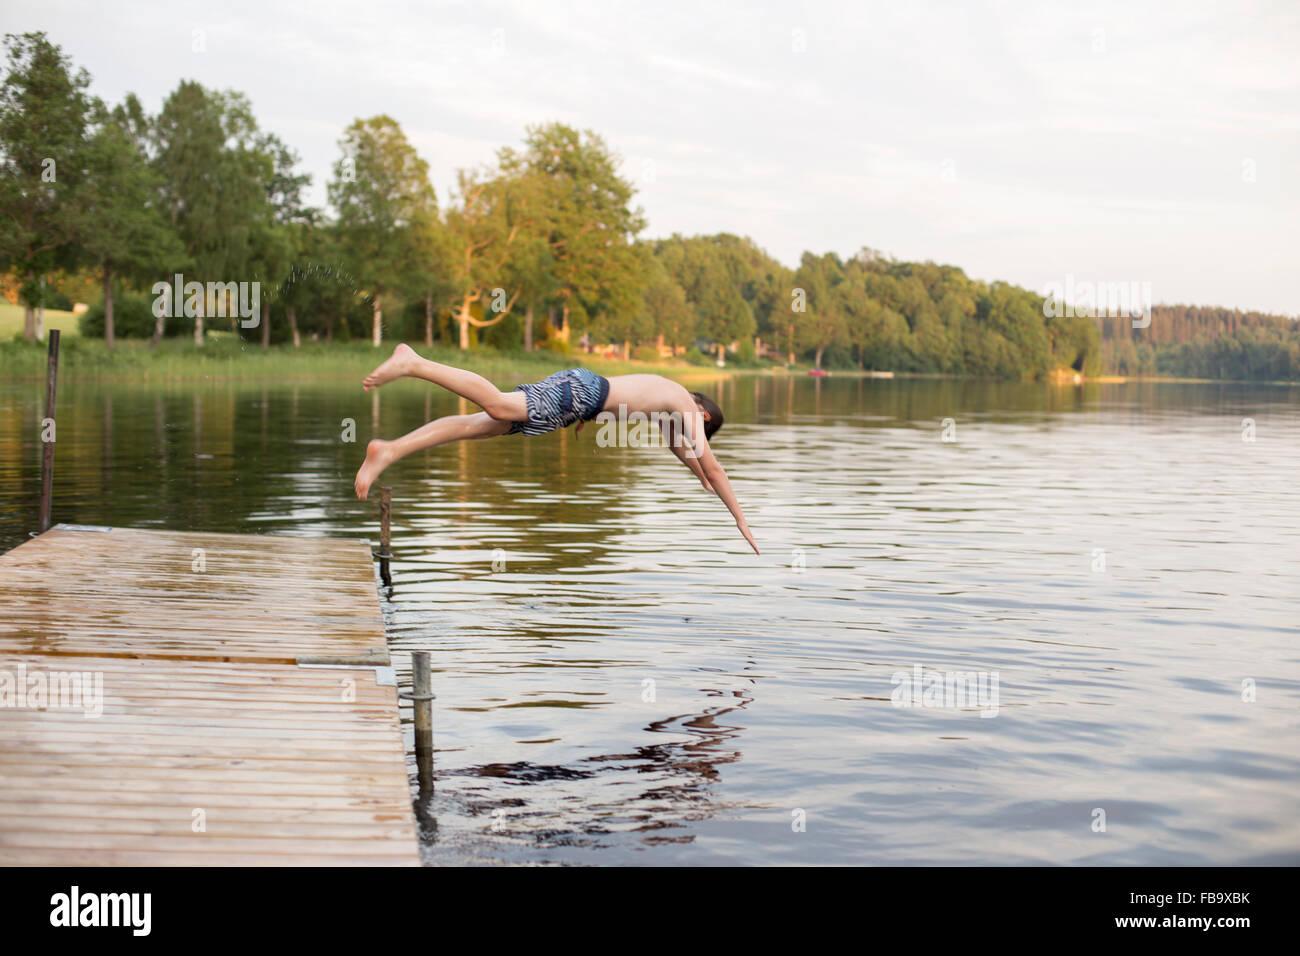 Suecia, Smaland, Braarpasjon, Boy (12-13) saltando en el lago desde el embarcadero Imagen De Stock